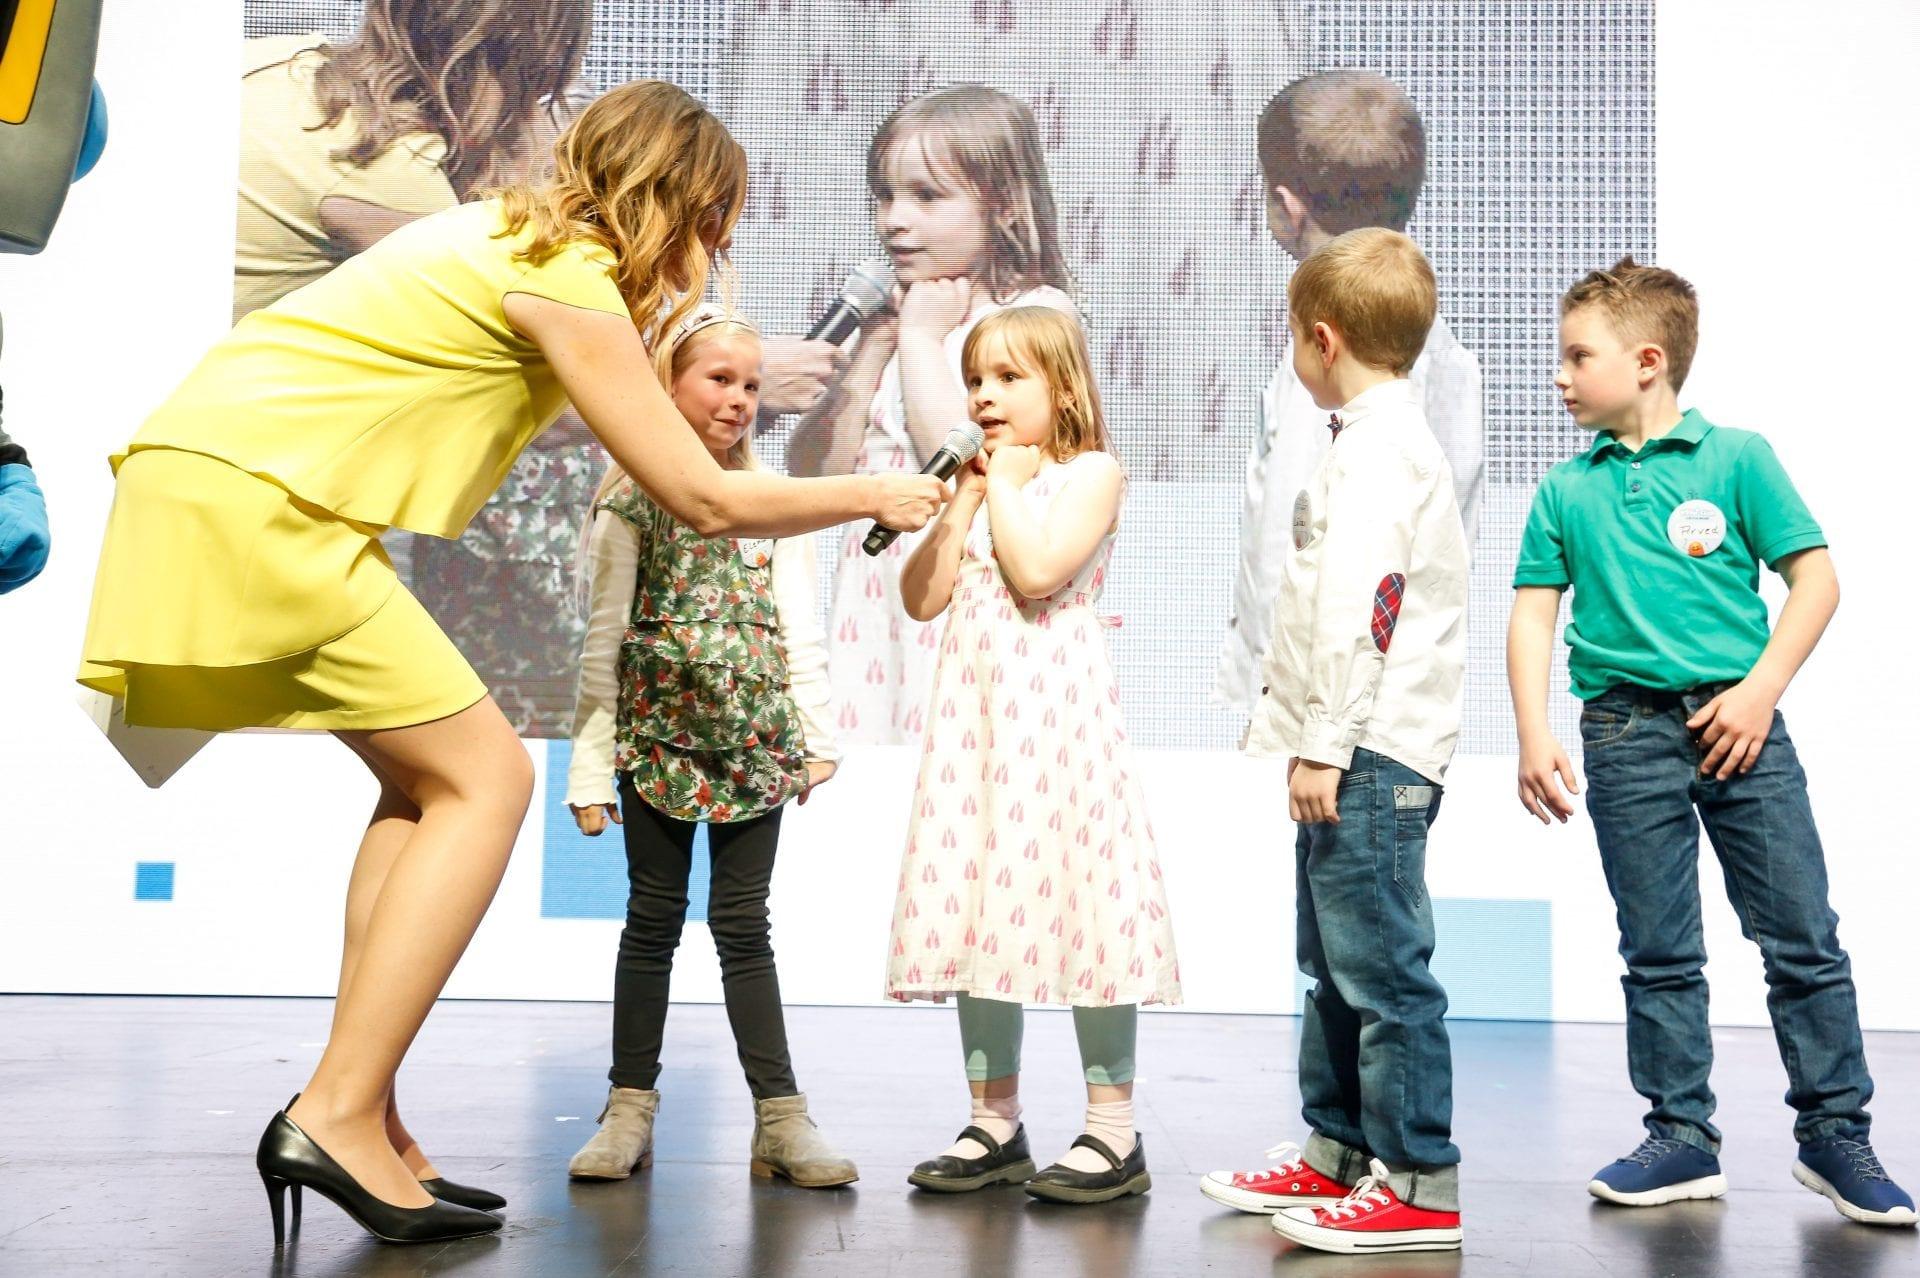 Preisverleihung beim Deutschen Ingenieurtag | Technik-Moderatorin Kristina zur Mühlen interviewt Kinder auf Bühne